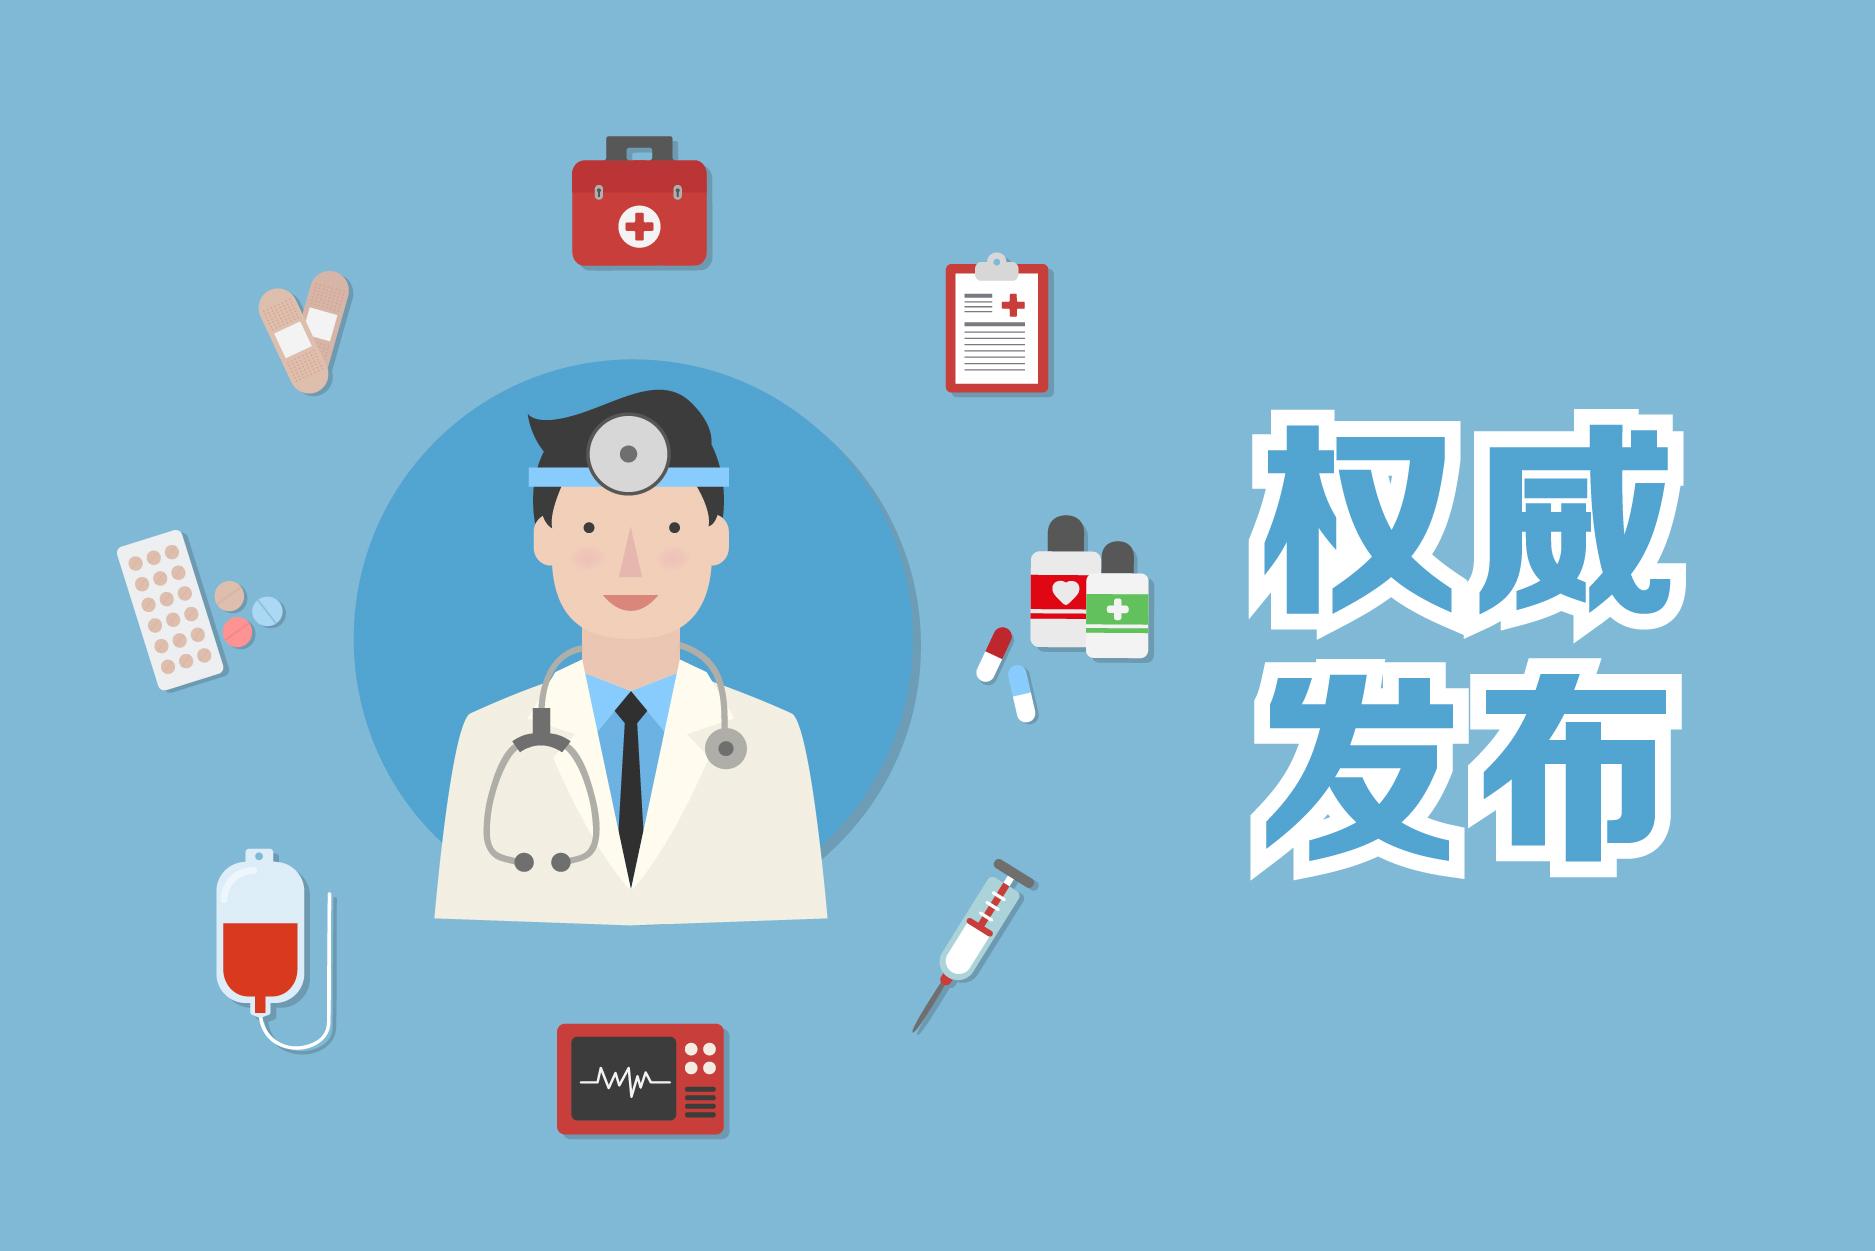 中国宫颈癌筛查技术获世卫组织资格认证 定价40元左右